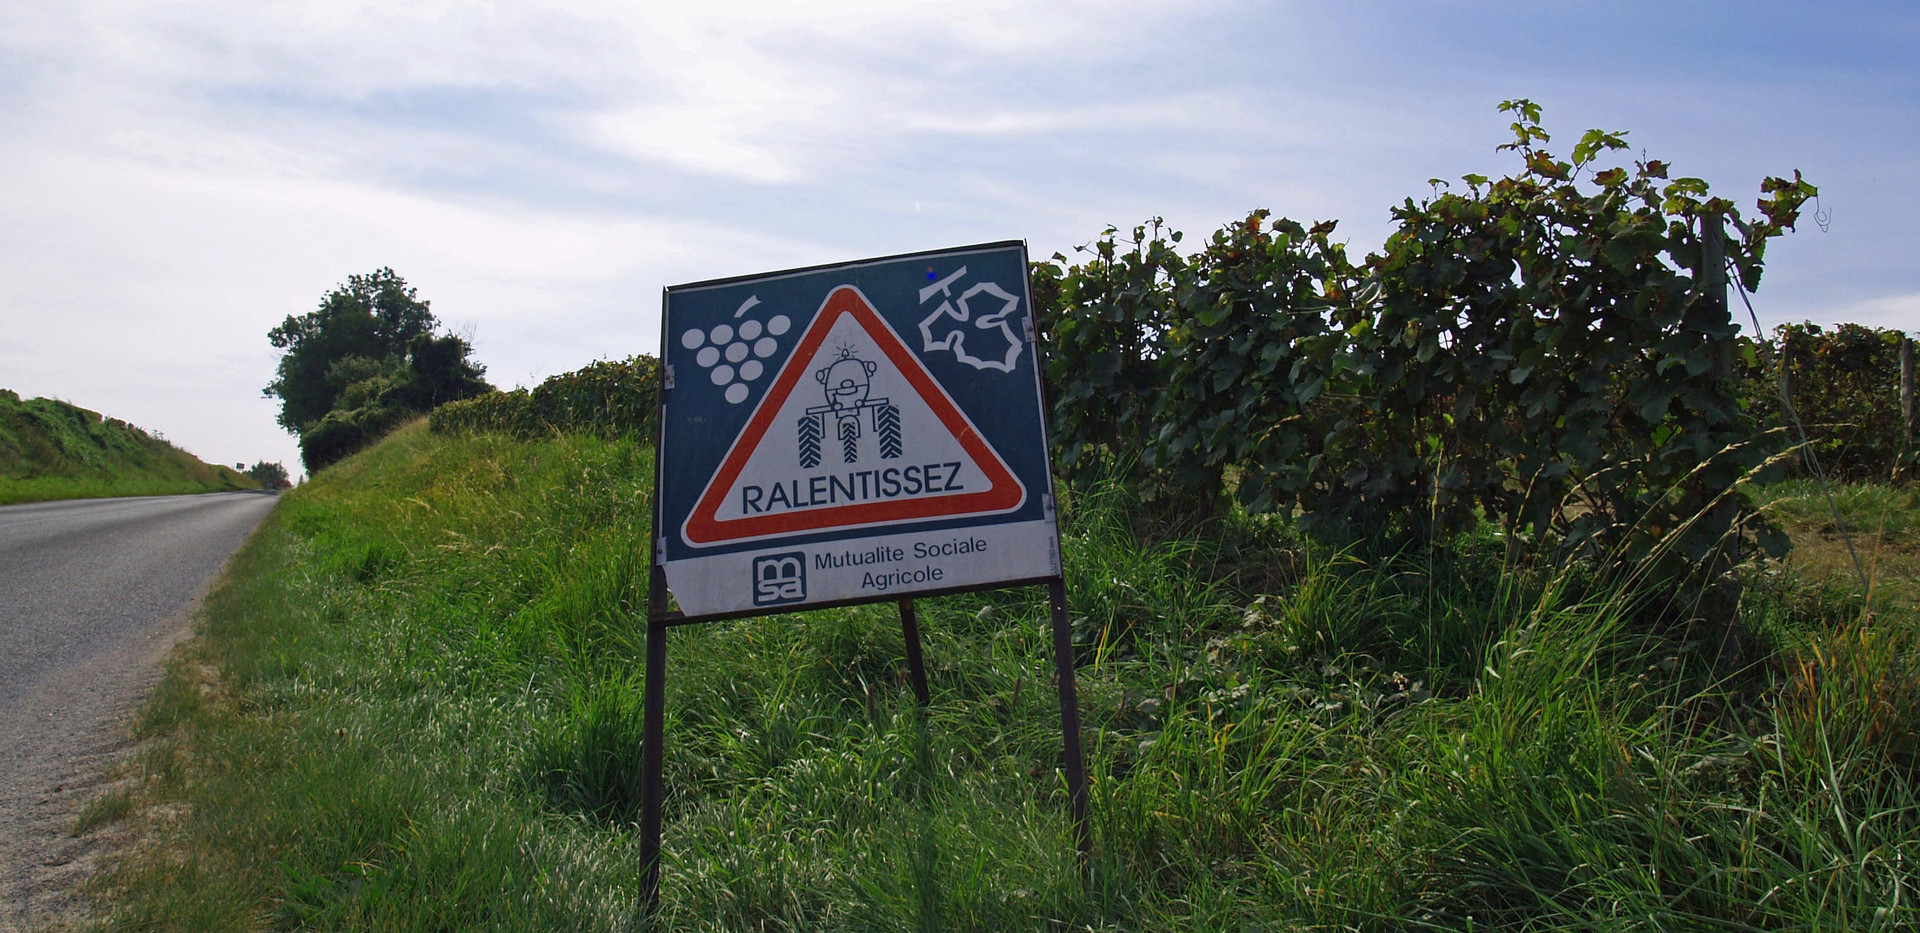 Harvest 2014 - warning sign